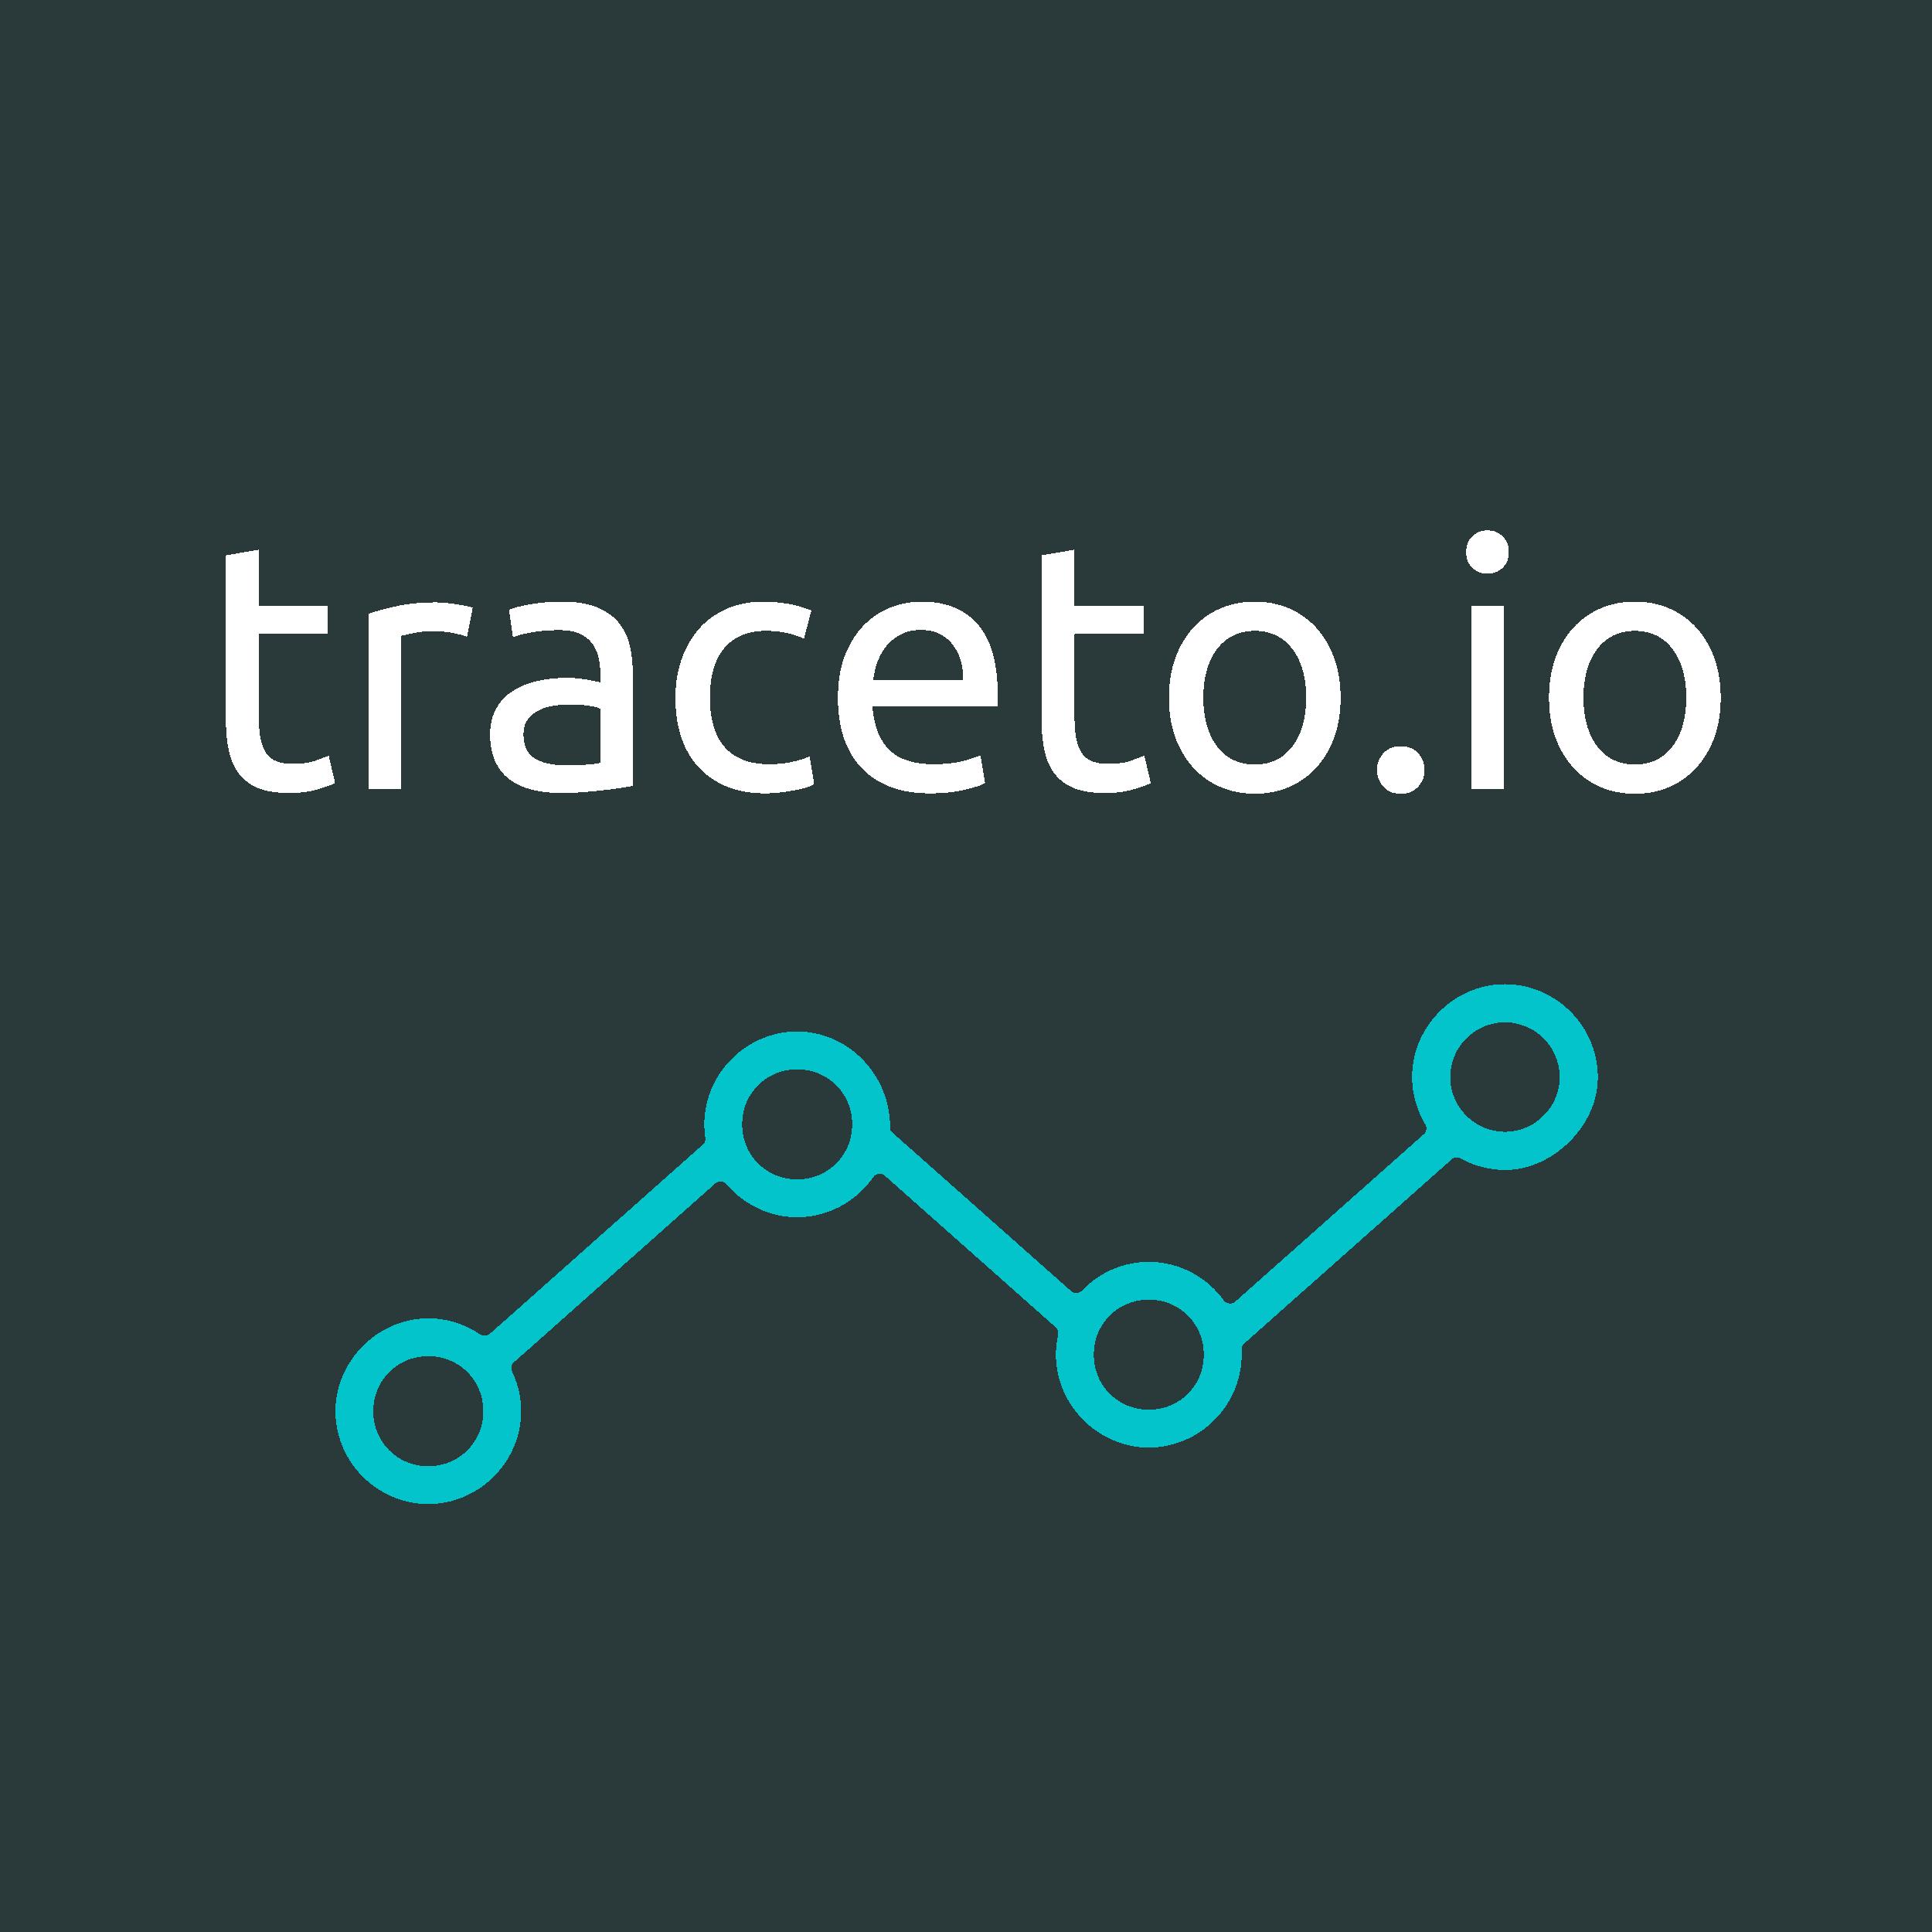 traceto.io-logo